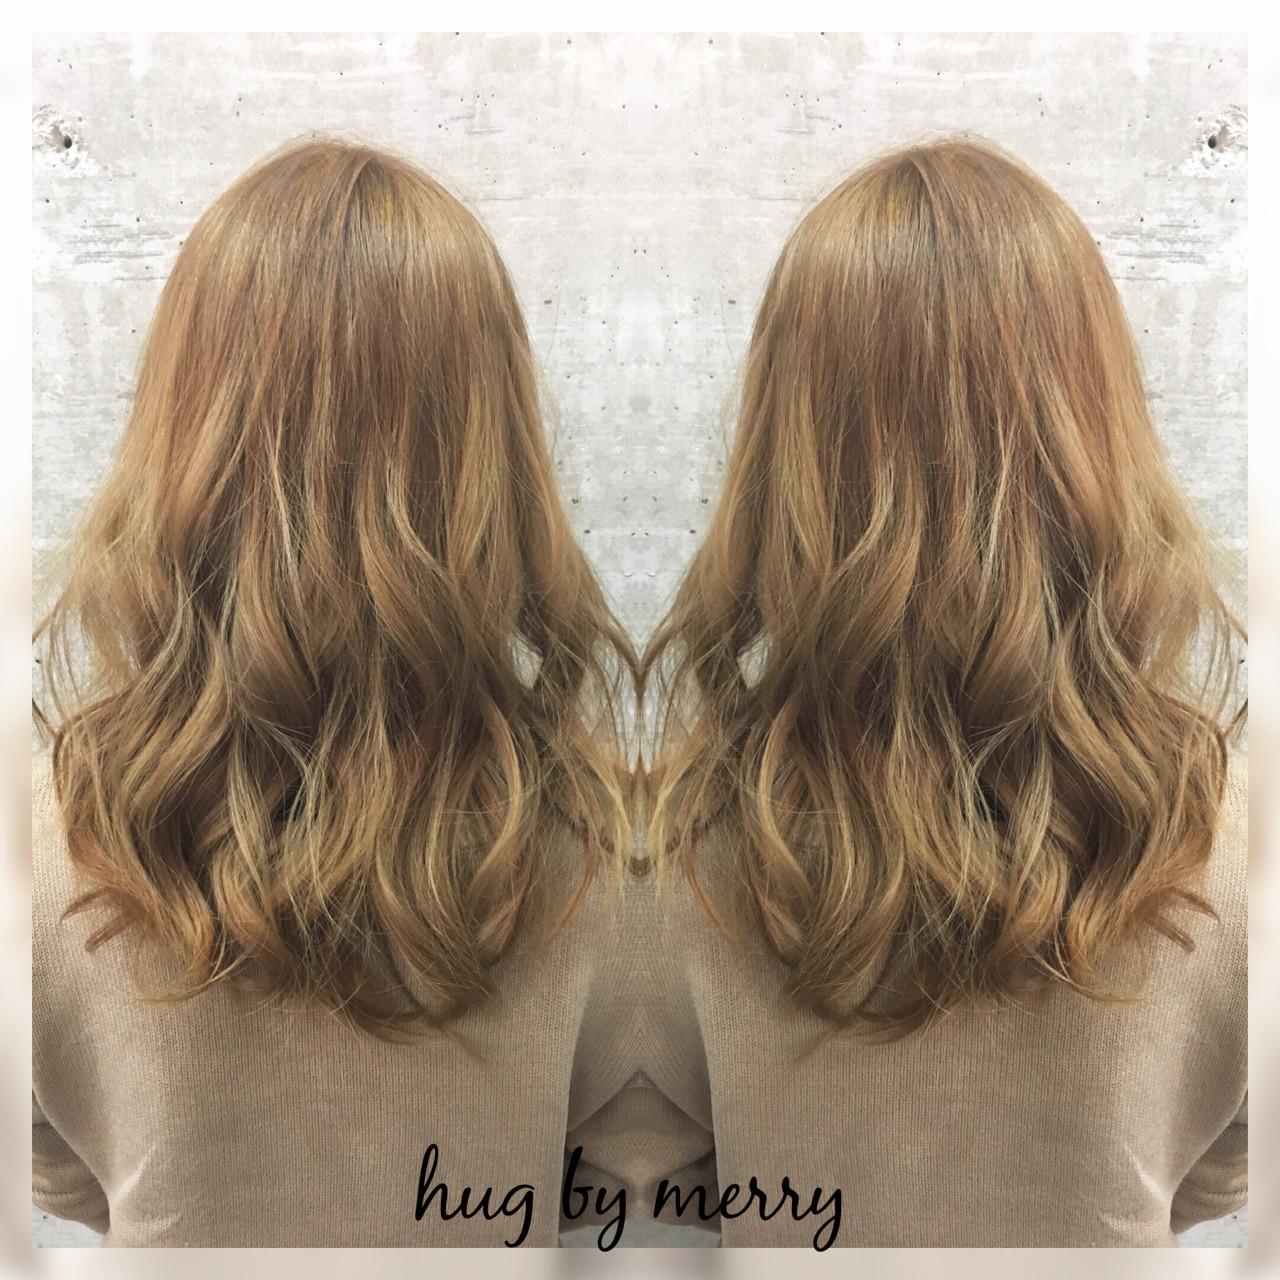 グラデーションカラー アッシュ ゆるふわ ハイライト ヘアスタイルや髪型の写真・画像